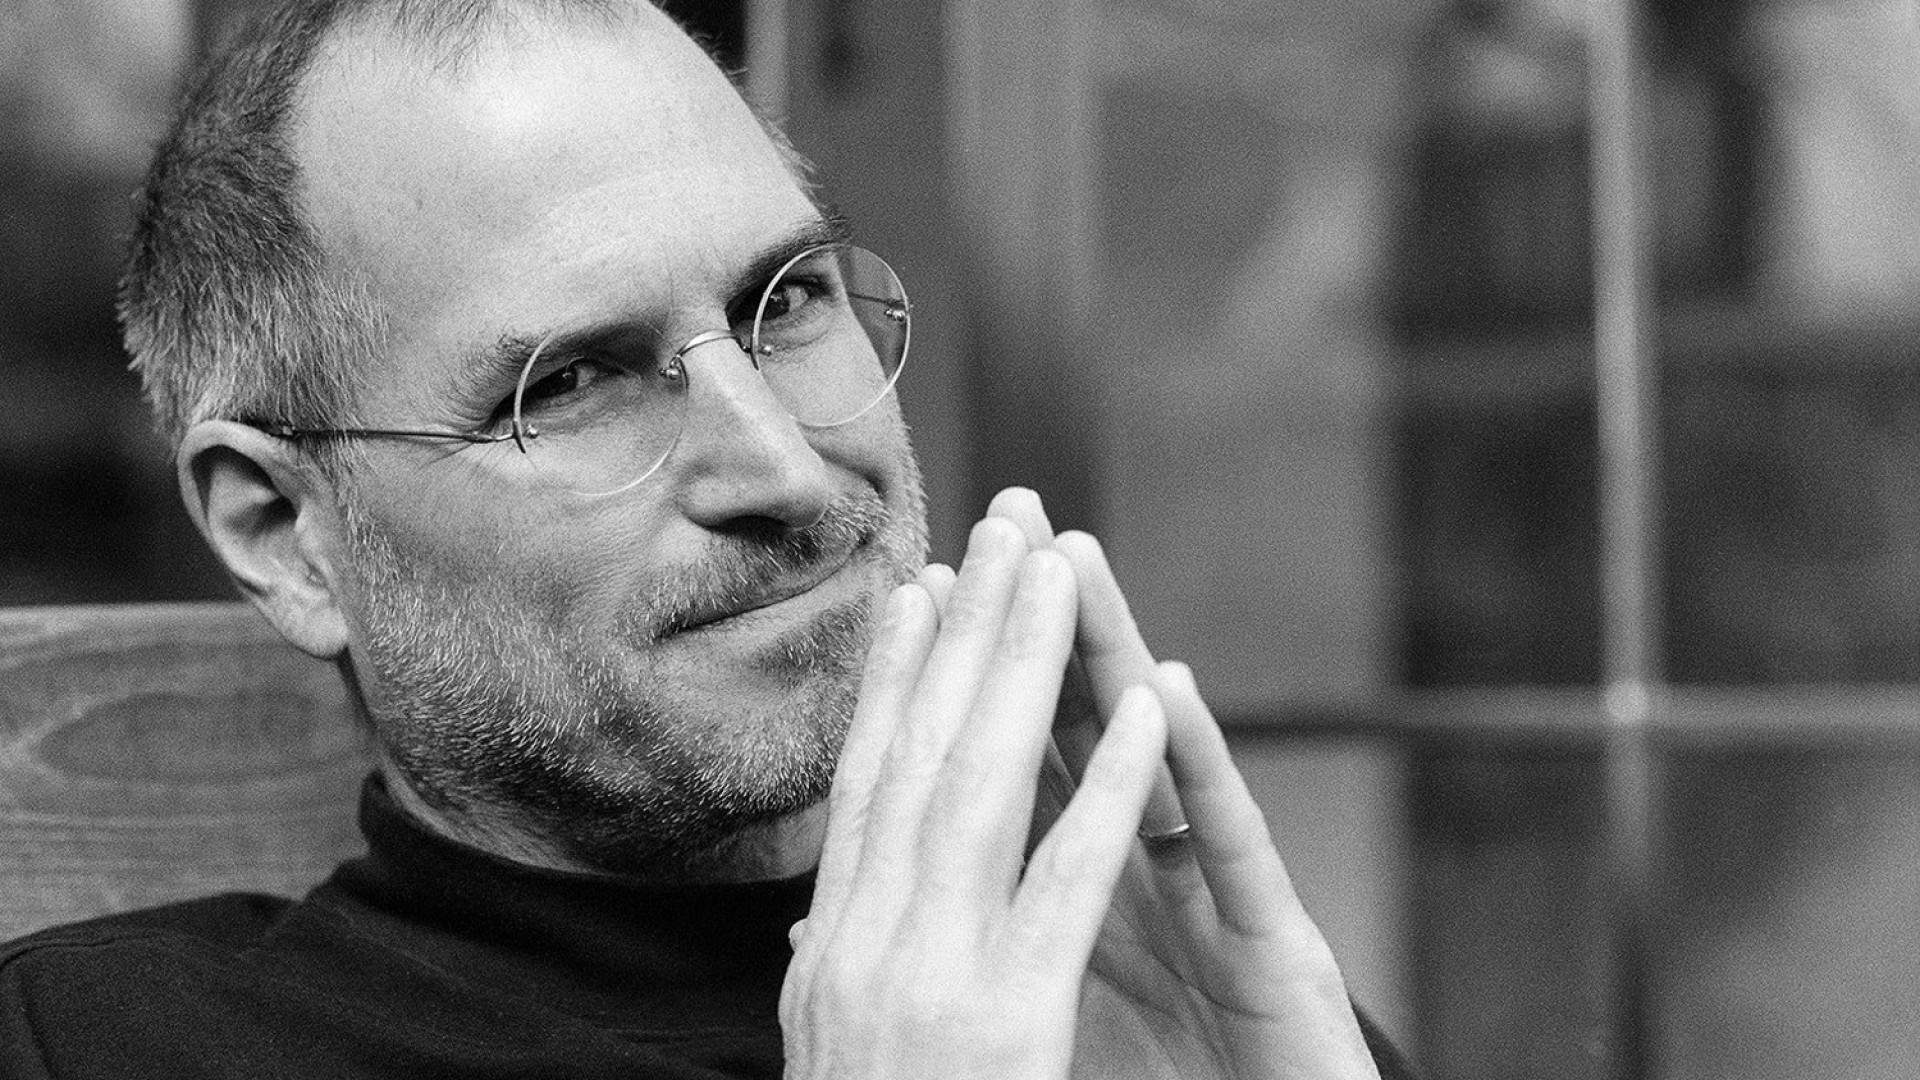 รีวิวหนัง Steve Jobs - สตีฟ จ็อบส์ บุรุษอัจฉริยะ เบื้องหลังการปฏิวัติโลกดิจิตอล